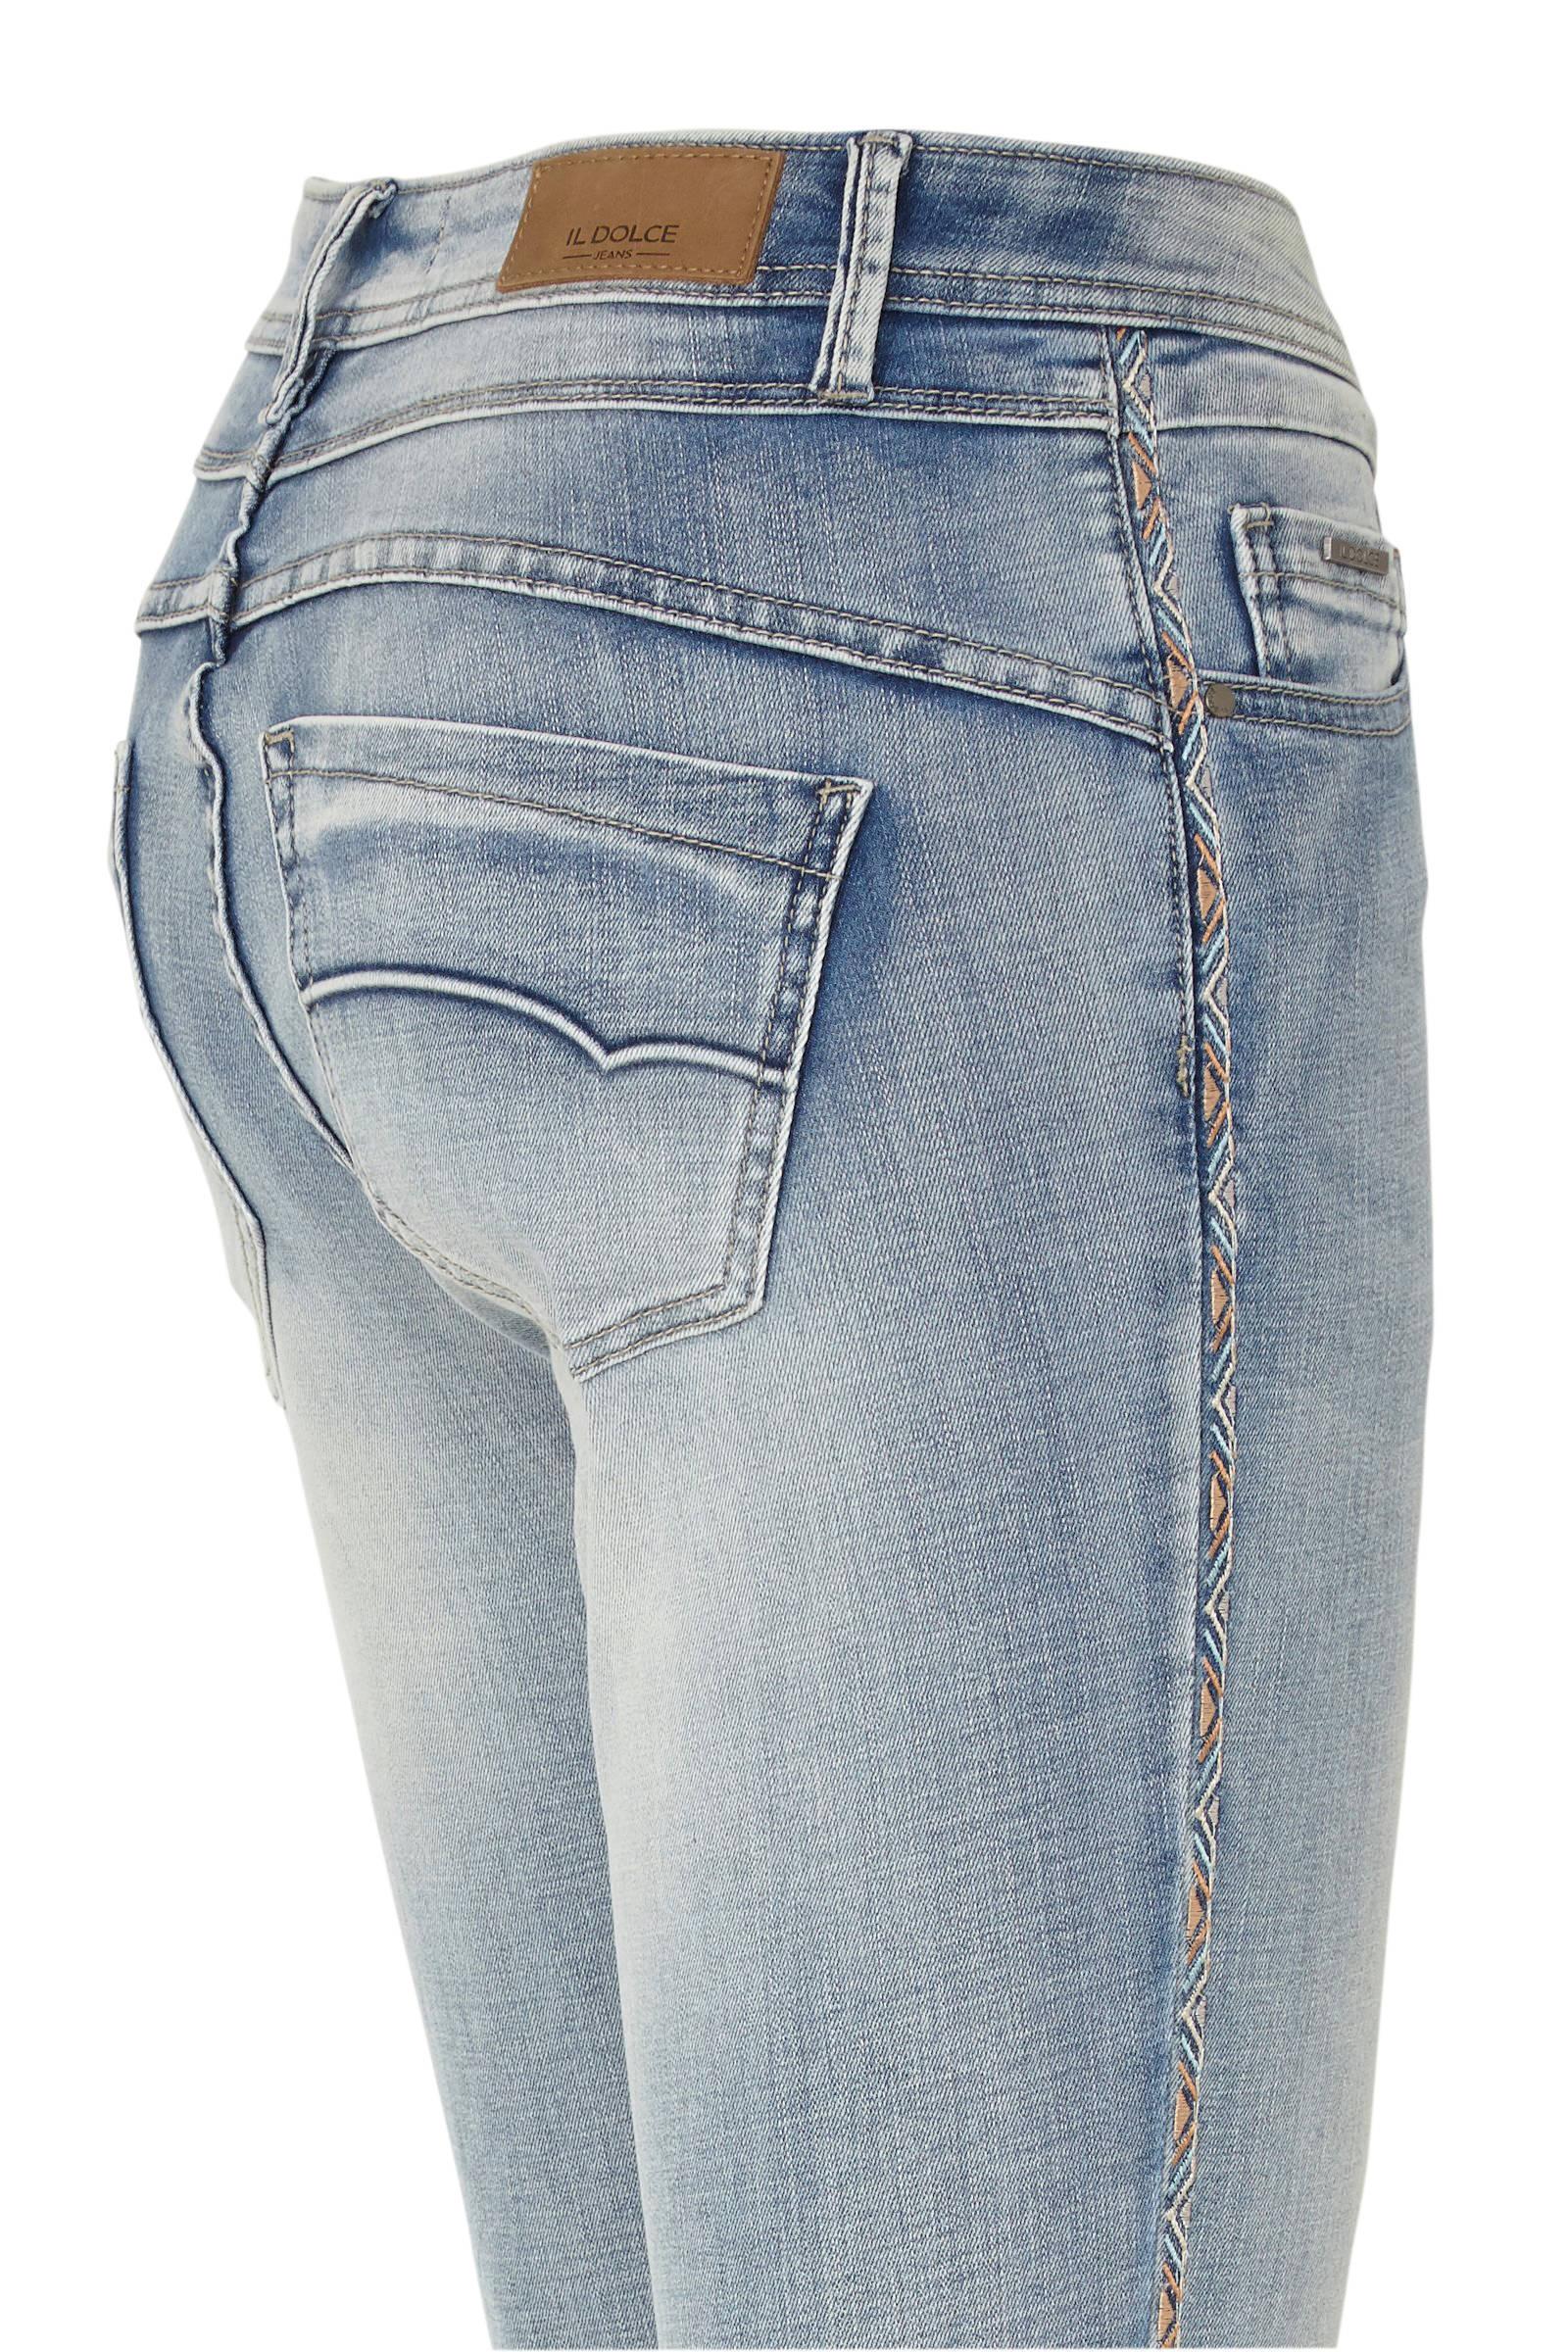 Il Dolce skinny jeans Ruby lichtblauw | wehkamp